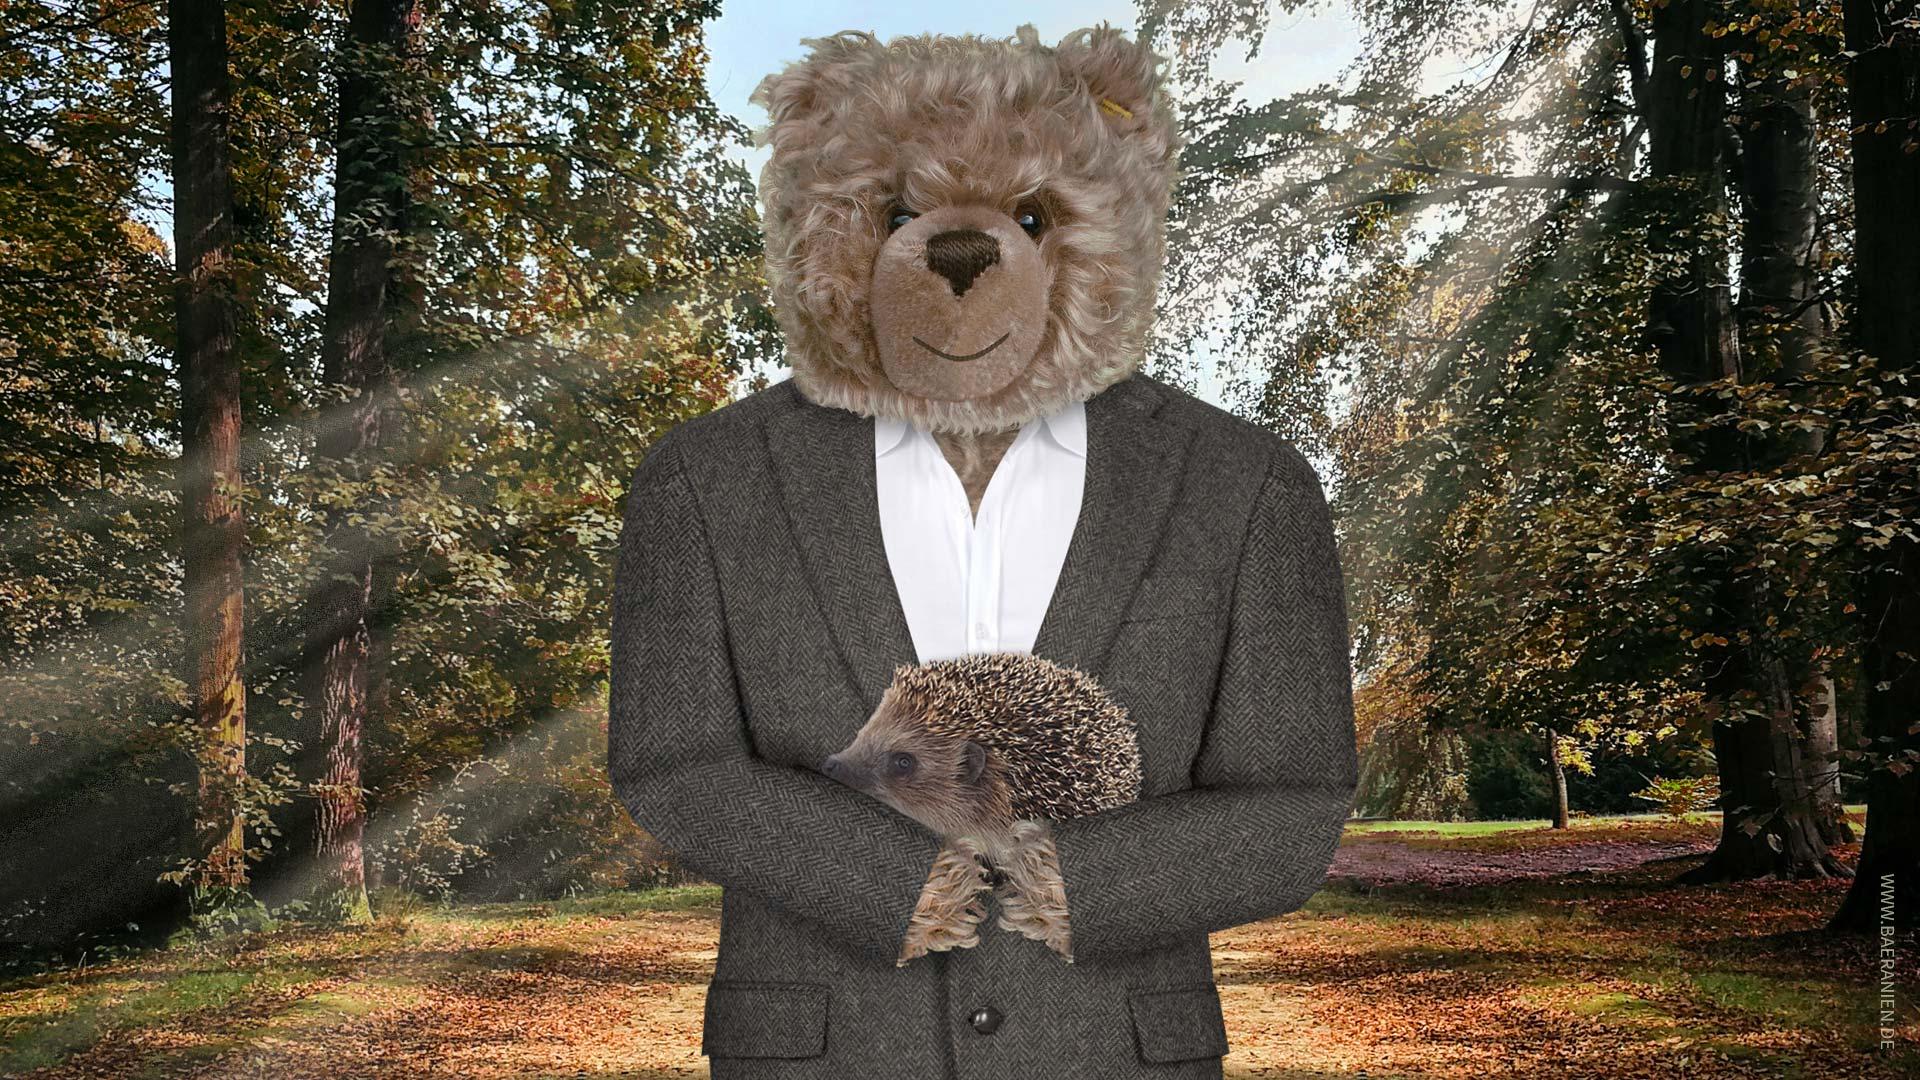 Teddy-König Opa und die Station für Igel